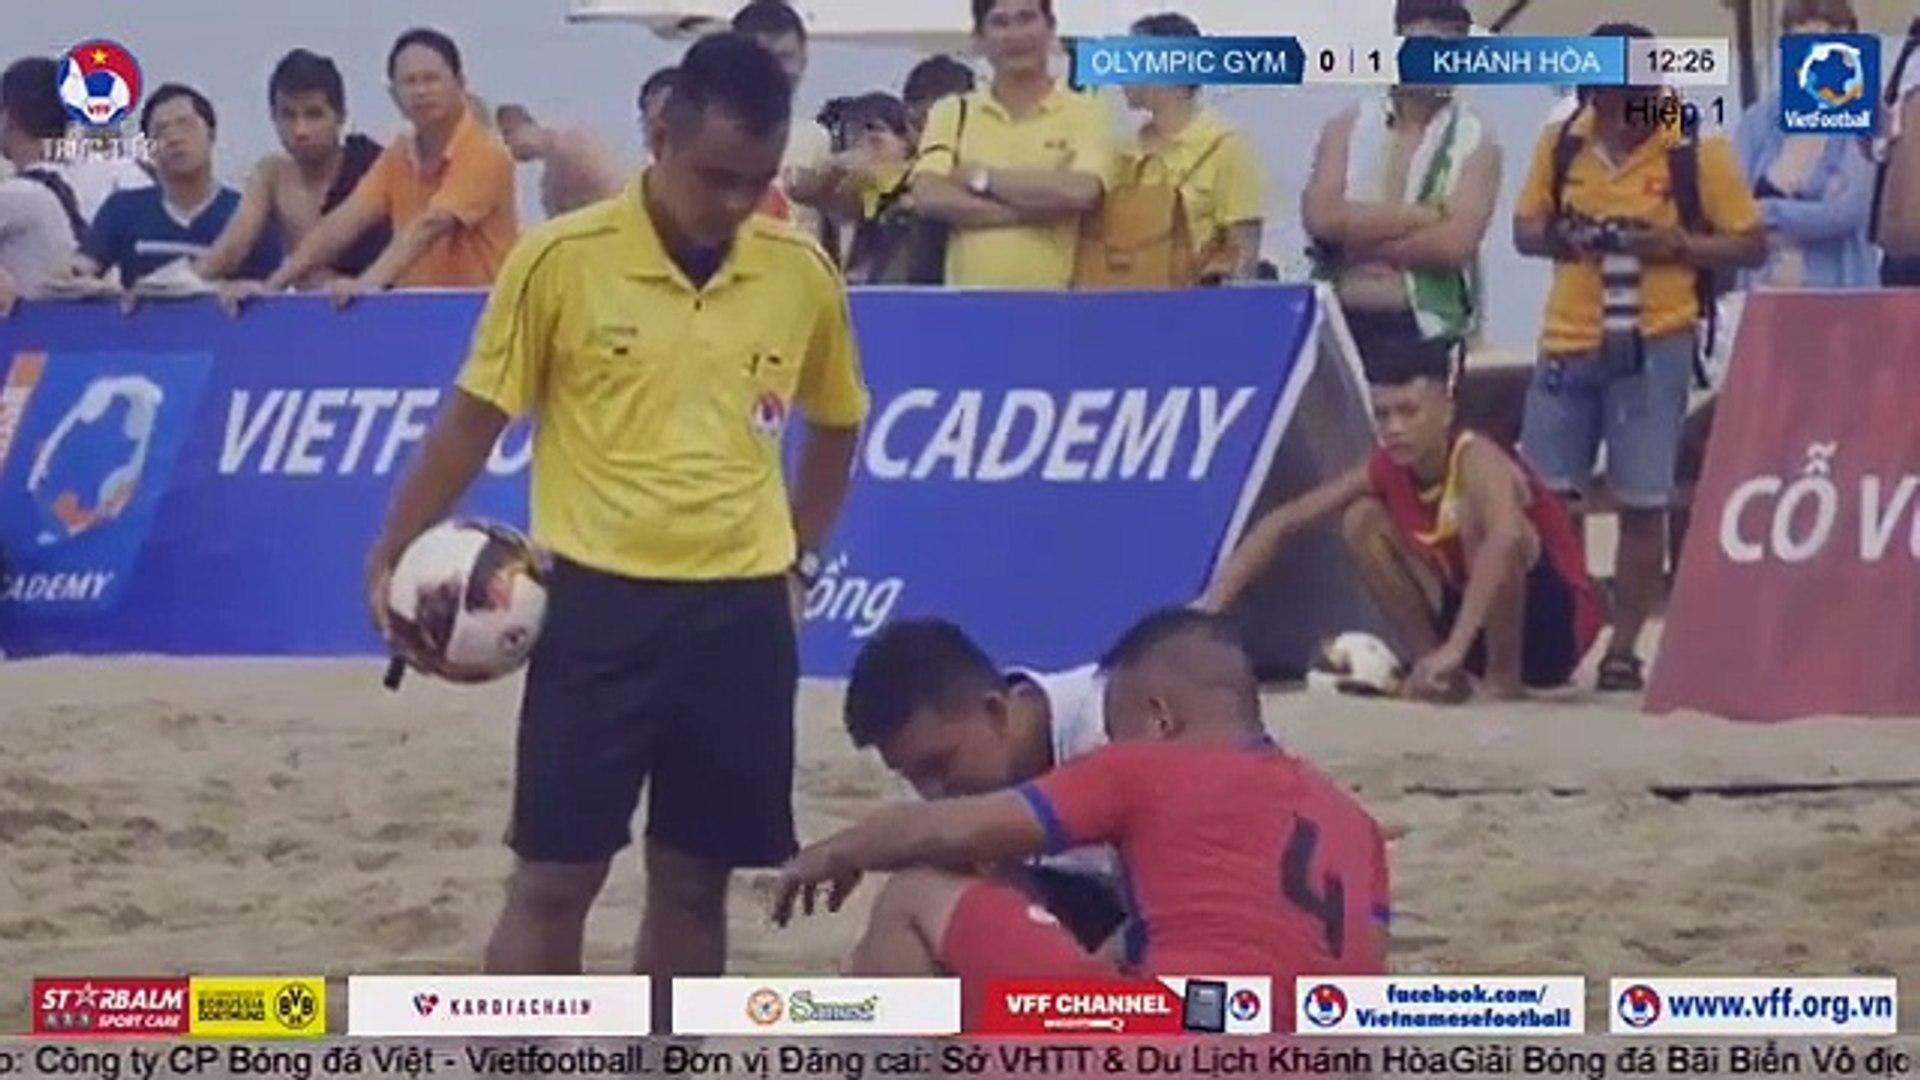 TRỰC TIẾP | Khánh Hòa - Olympic Gym & Fitness | Giải bóng đá Bãi biển Vô địch Quốc gia | VFF Cha